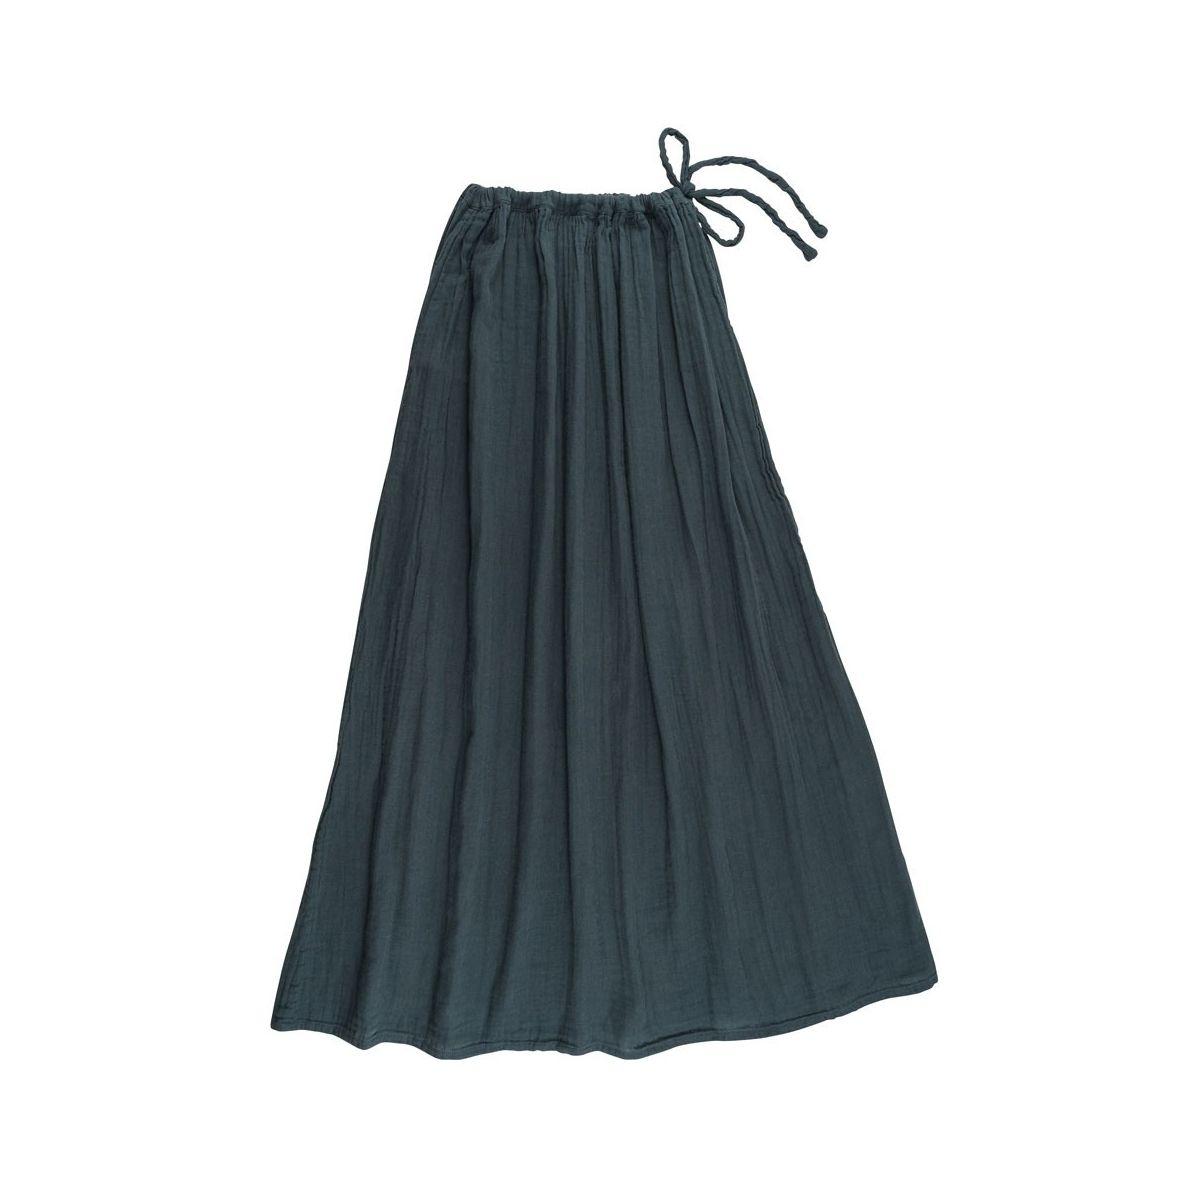 Spódnica dla mamy Ava długa szaroniebieska - Numero 74